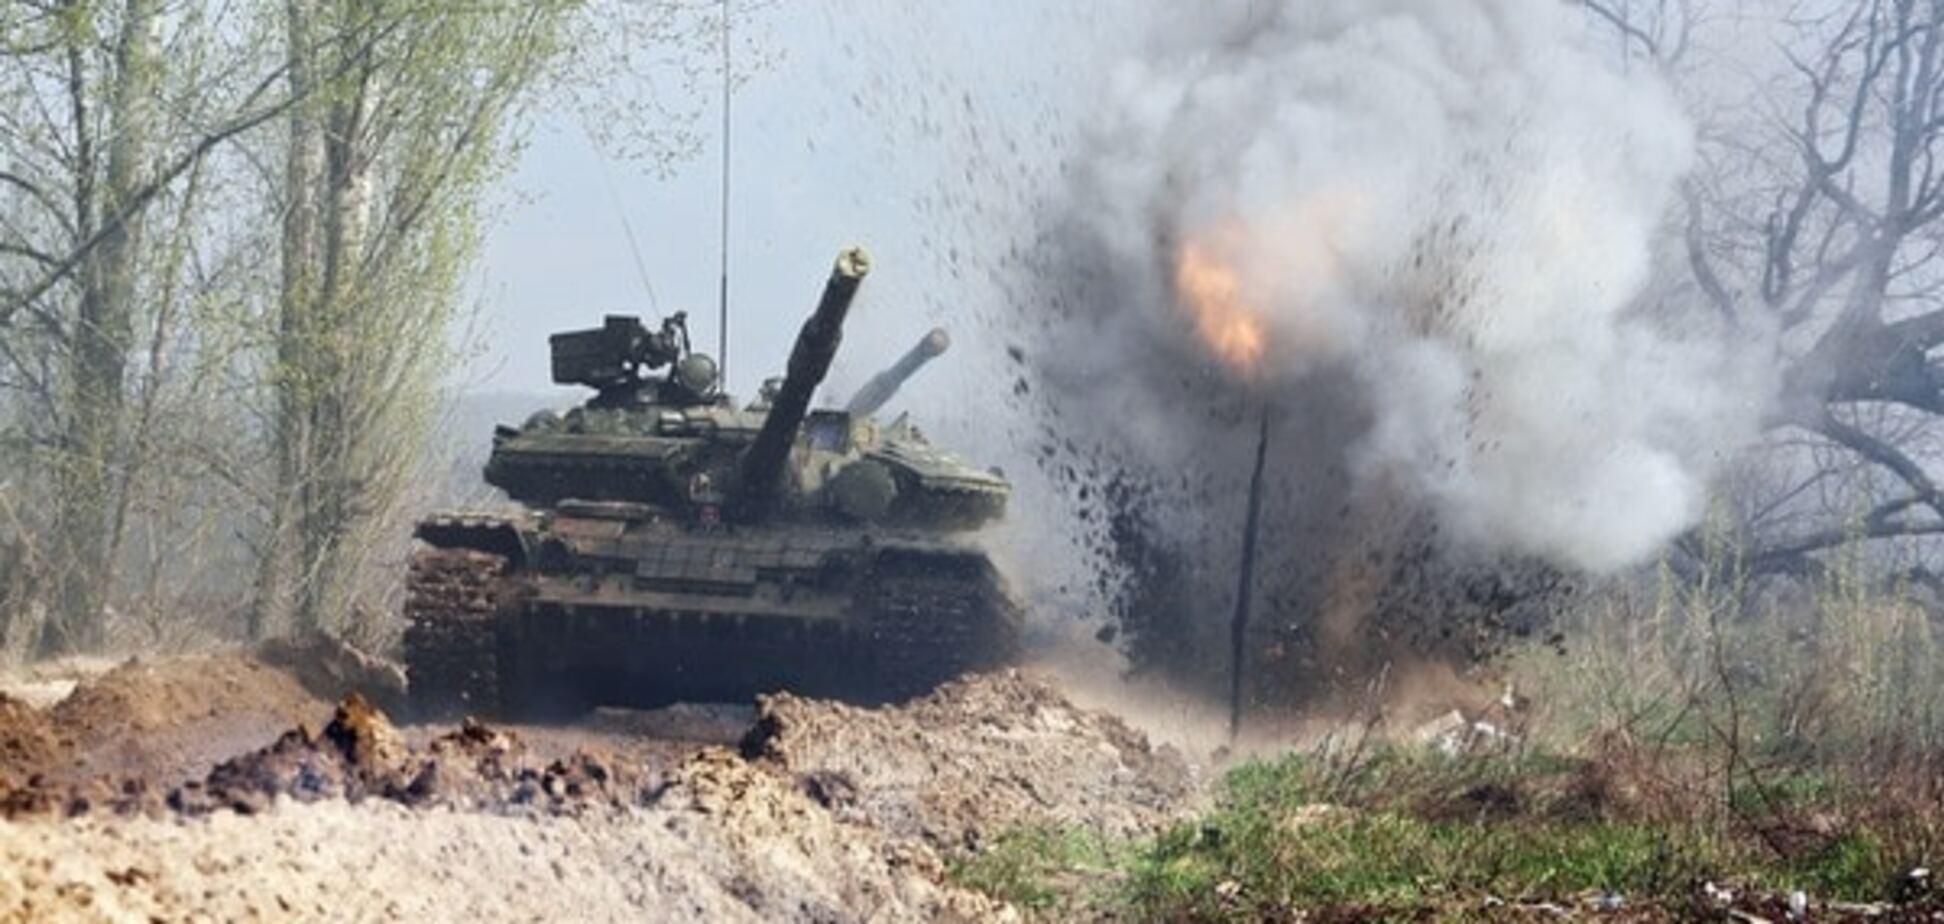 Росія перекинула на Донбас ешелон із танками і 'Градами' - ГРУ